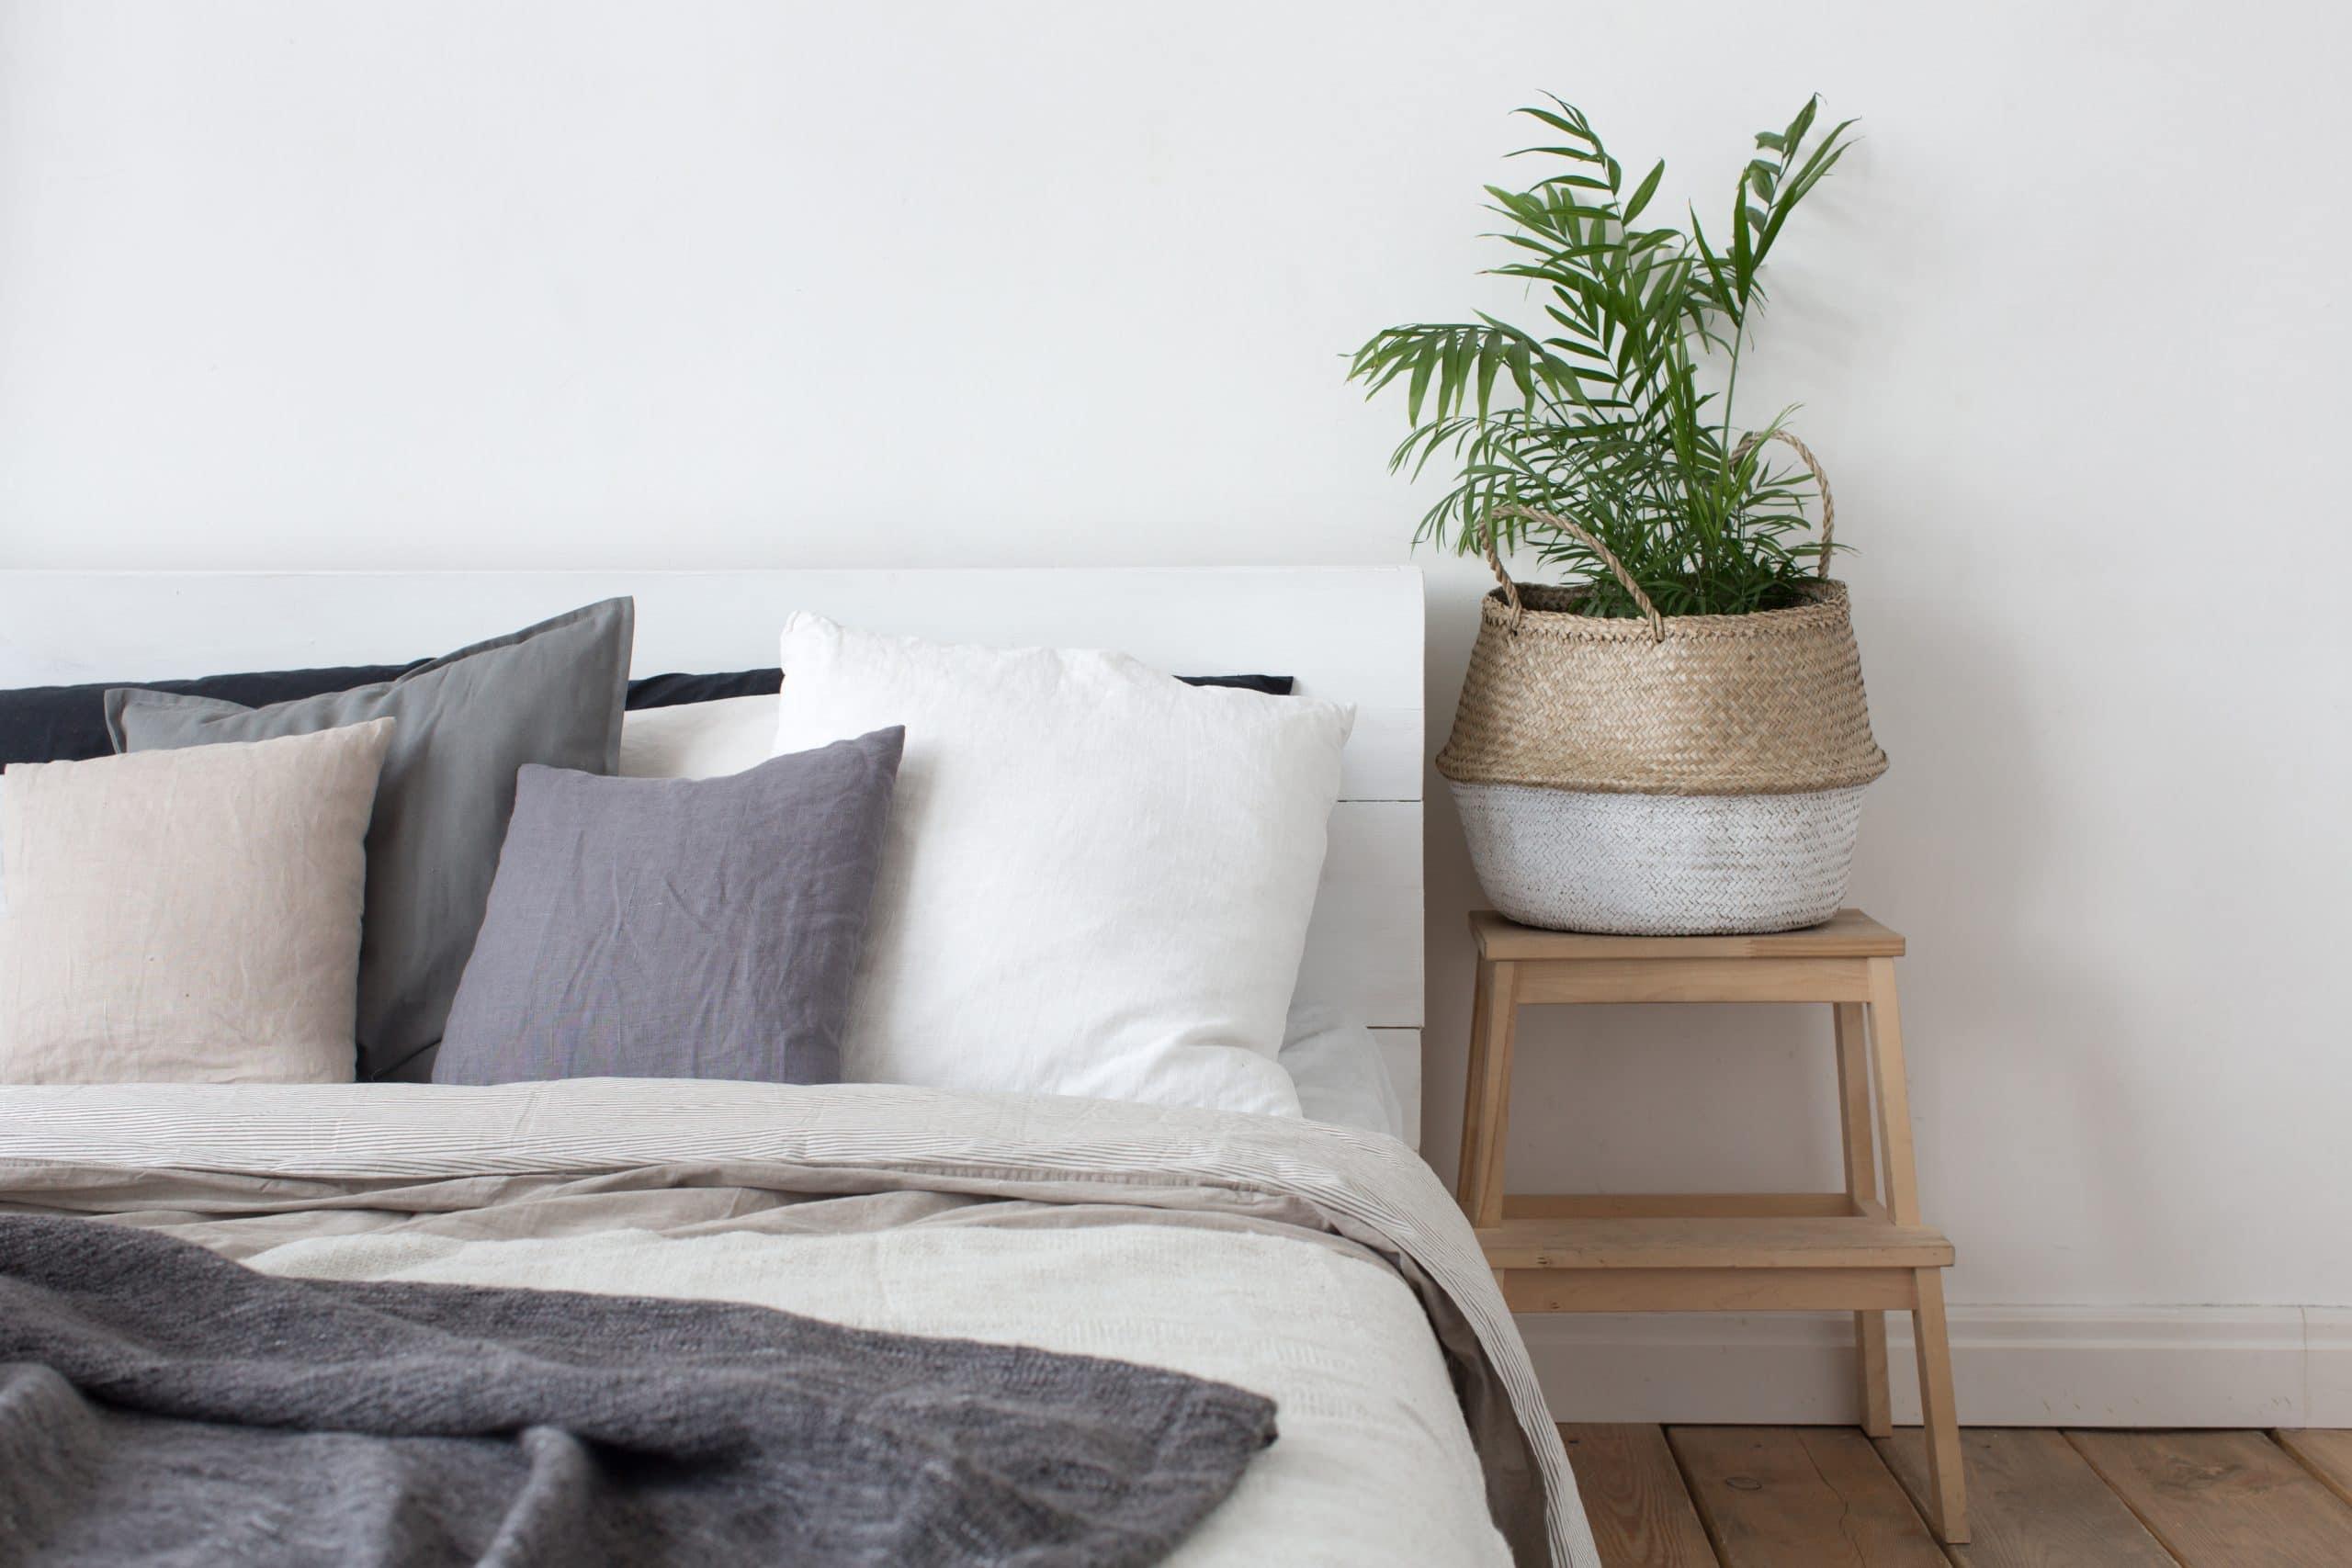 Quelle matière choisir pour linge de lit ?